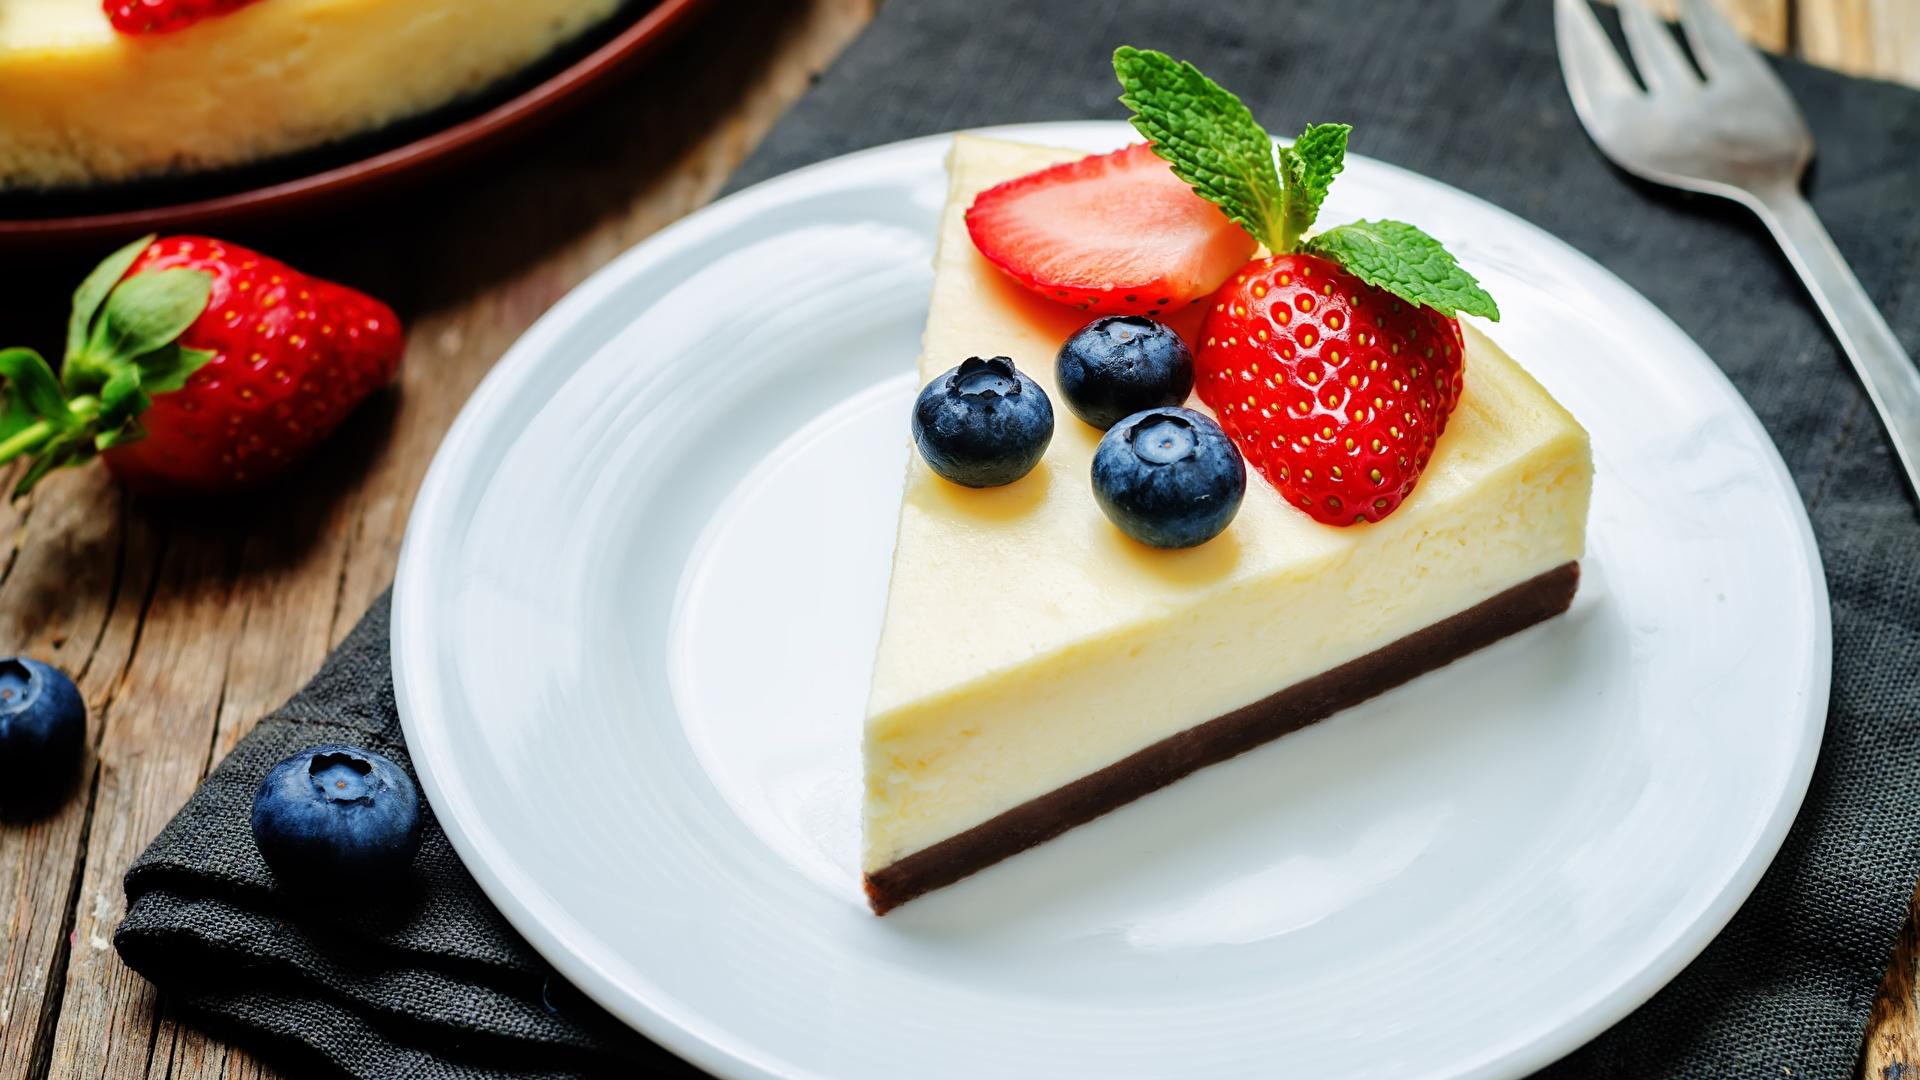 Фотография Cheesecake Десерт Черника кусочек Клубника Еда Тарелка 1920x1080 часть Кусок кусочки Пища тарелке Продукты питания